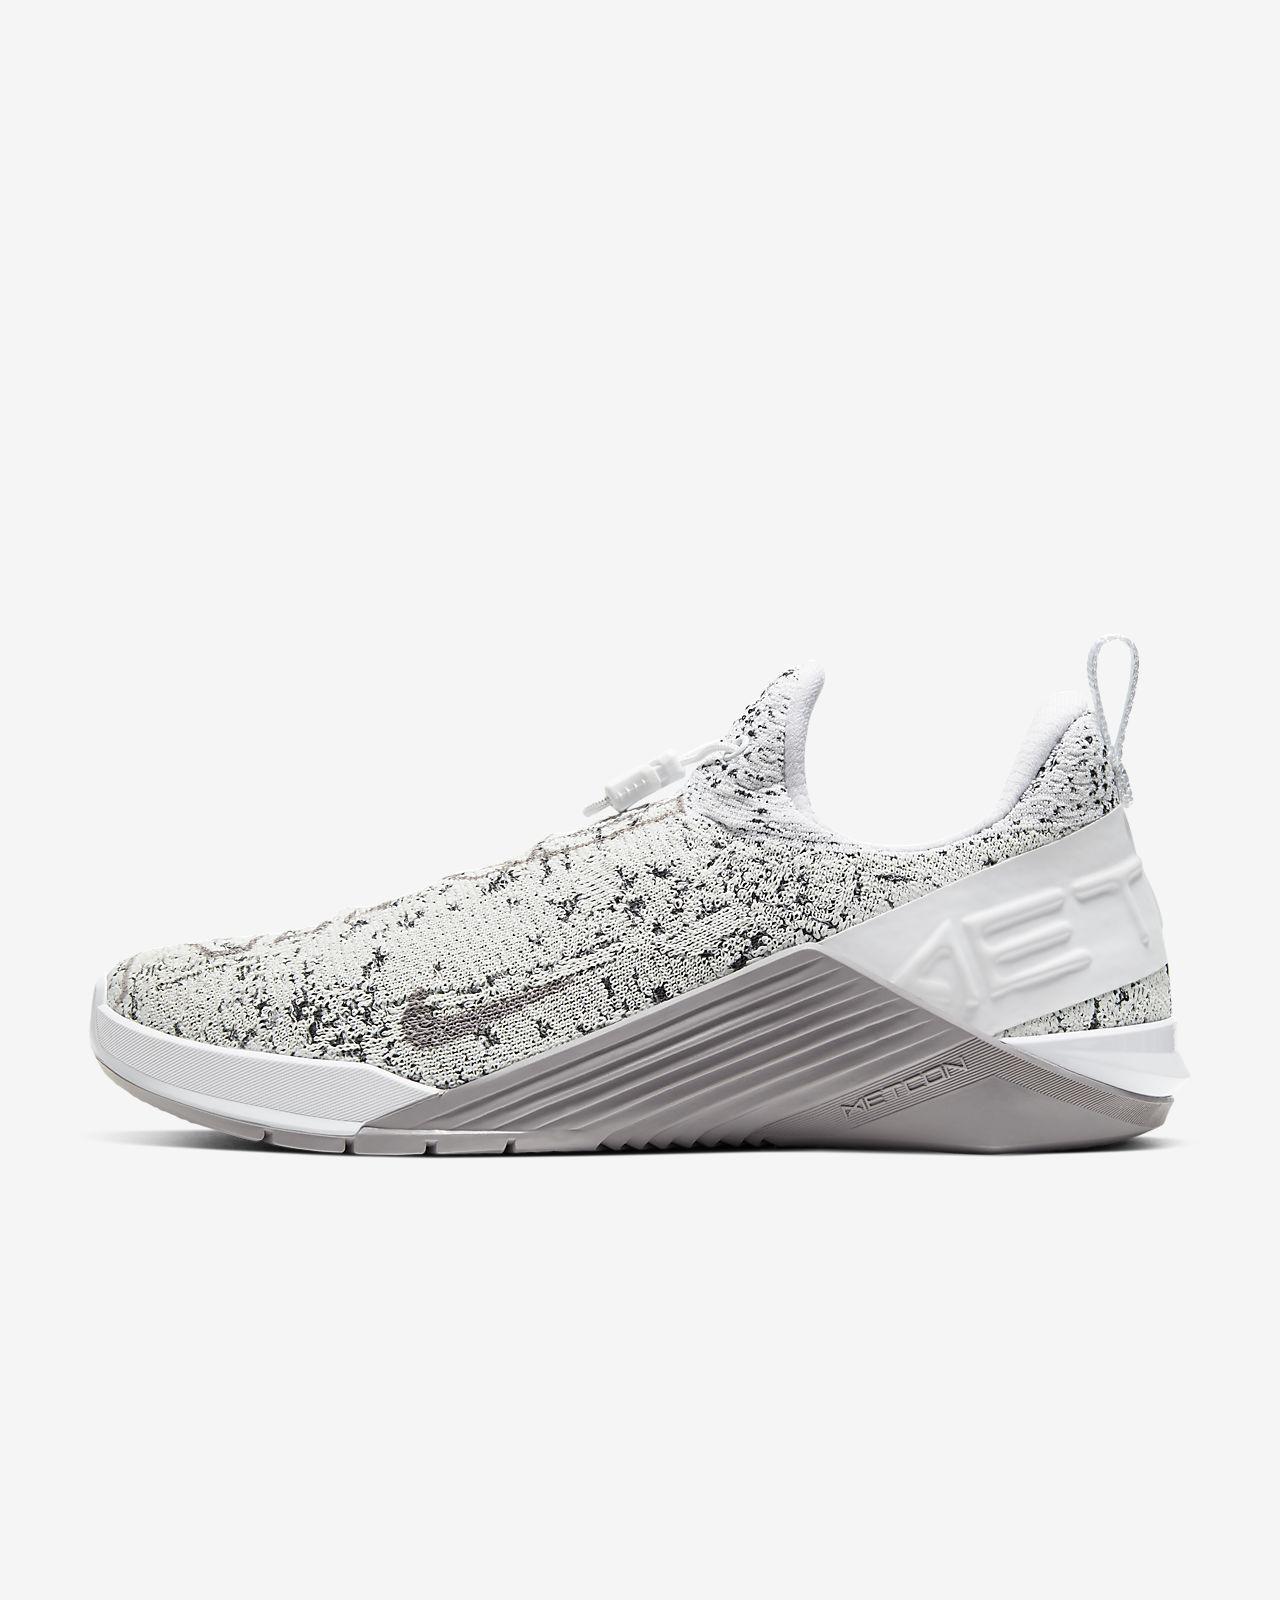 Γυναικείο παπούτσι προπόνησης Nike React Metcon